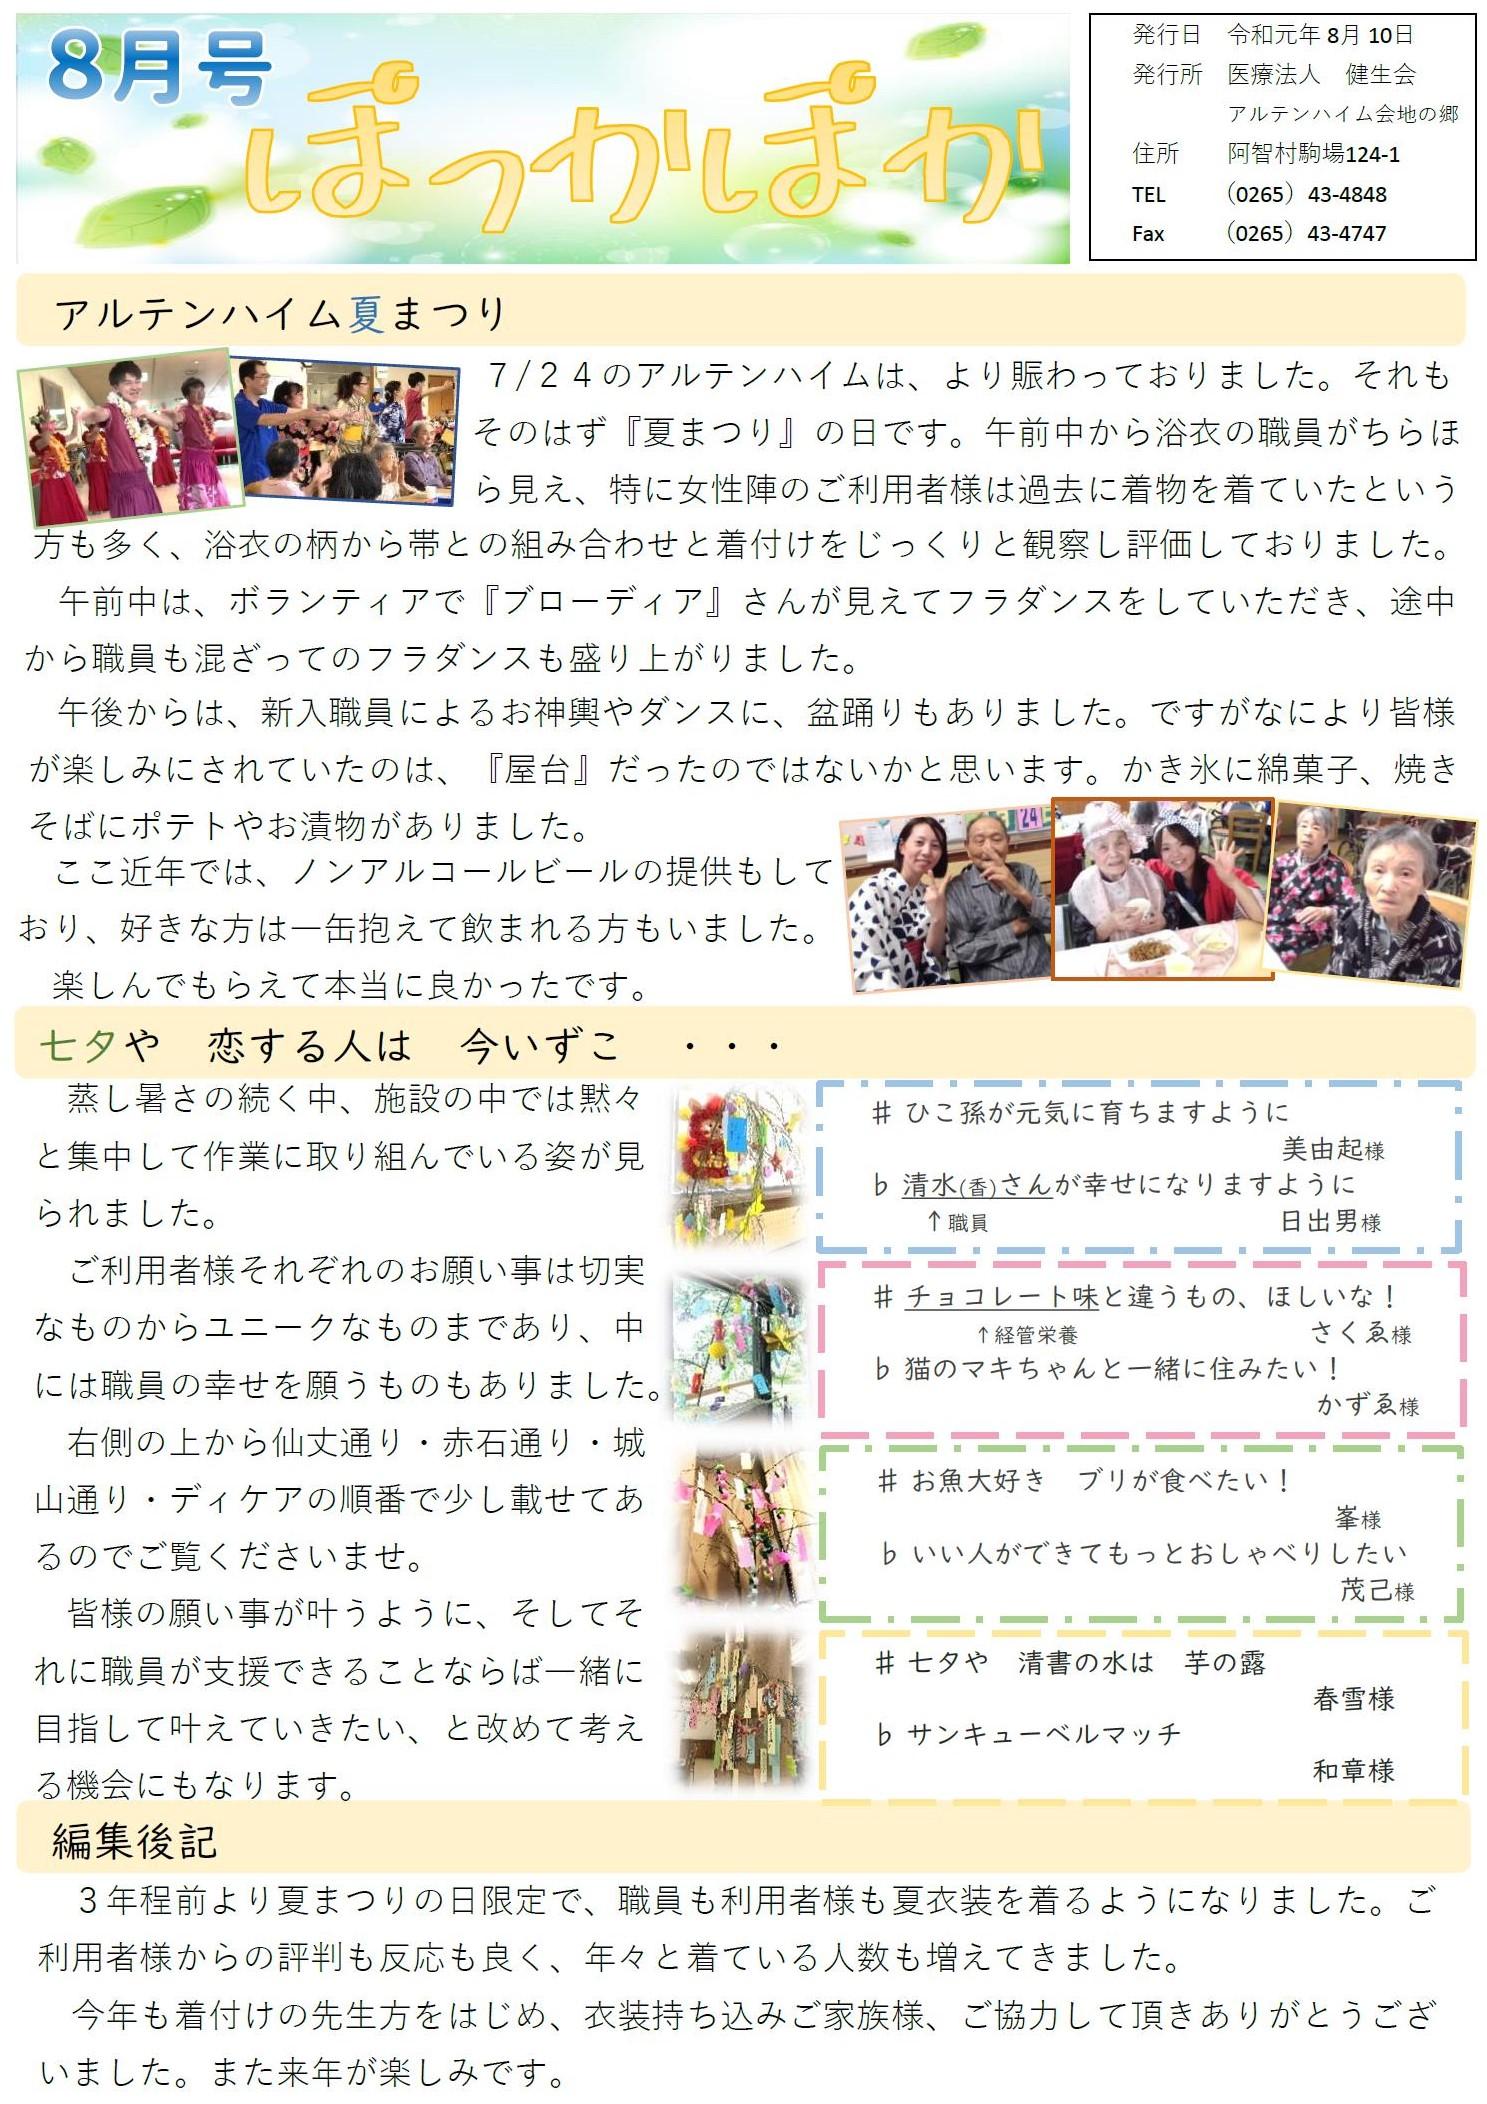 ぽっかぽかR1.8.10.jpg